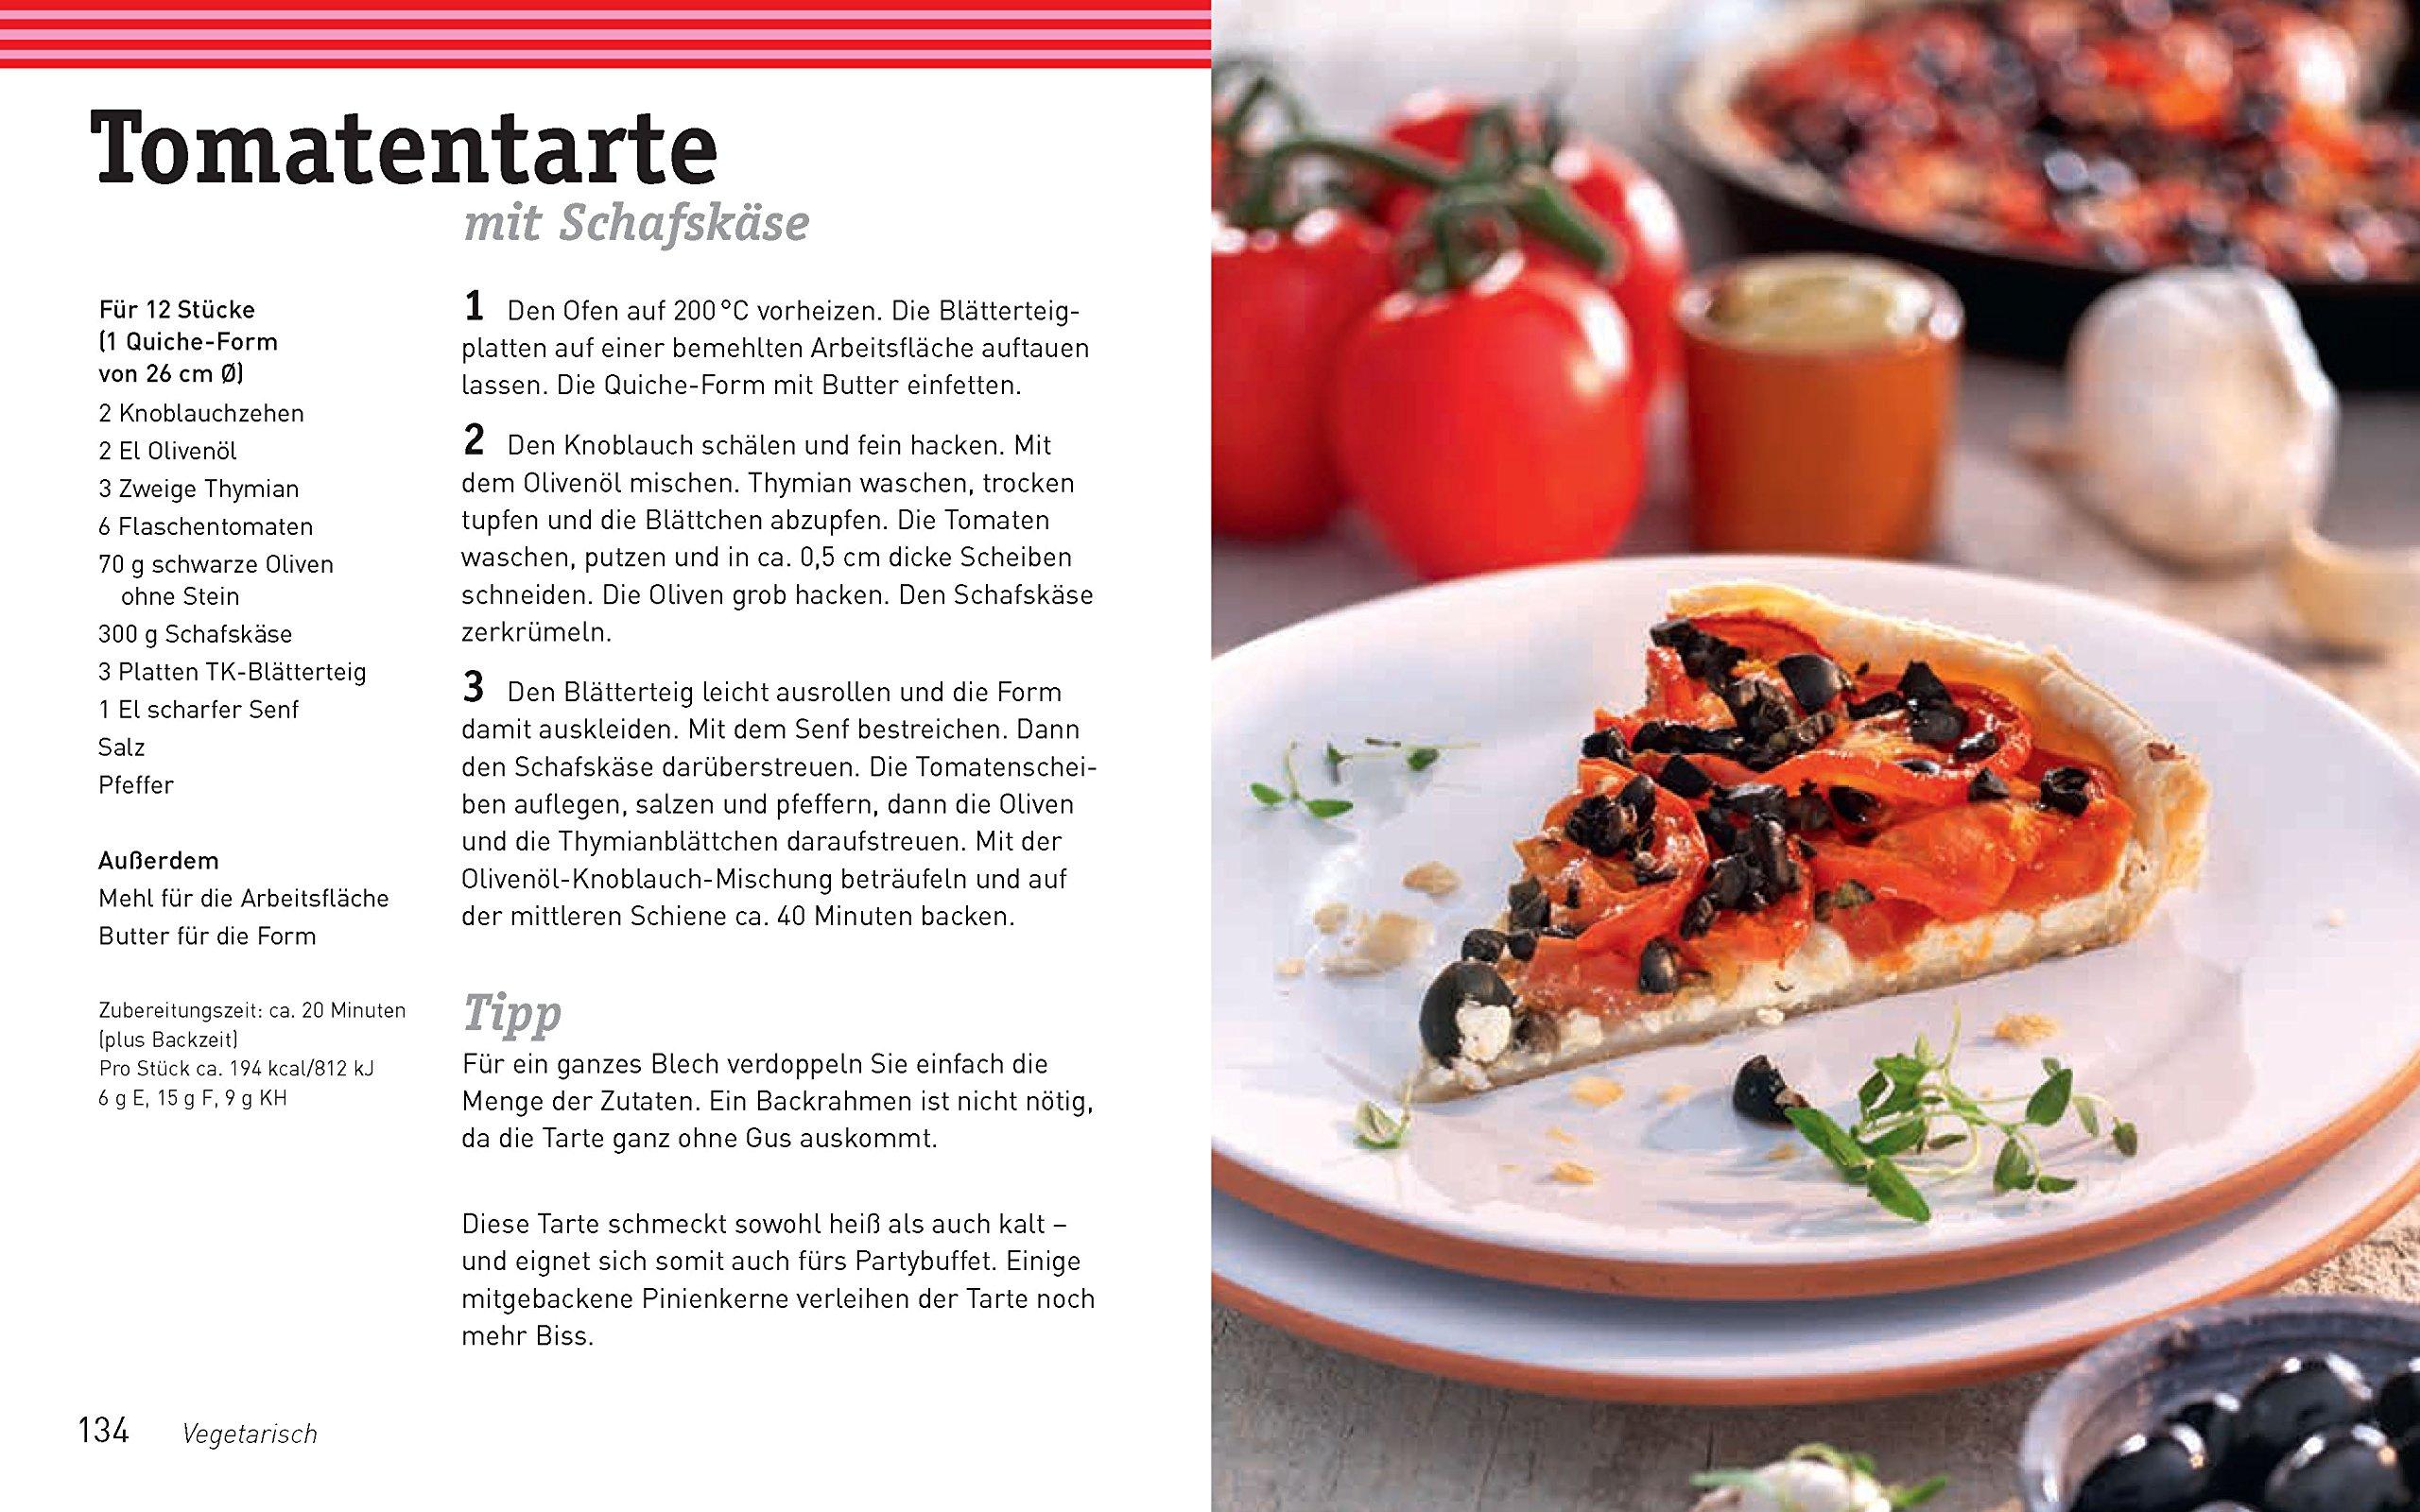 Fitnesskuche Minikochbuch Frisch Leicht Abwechslungsreich